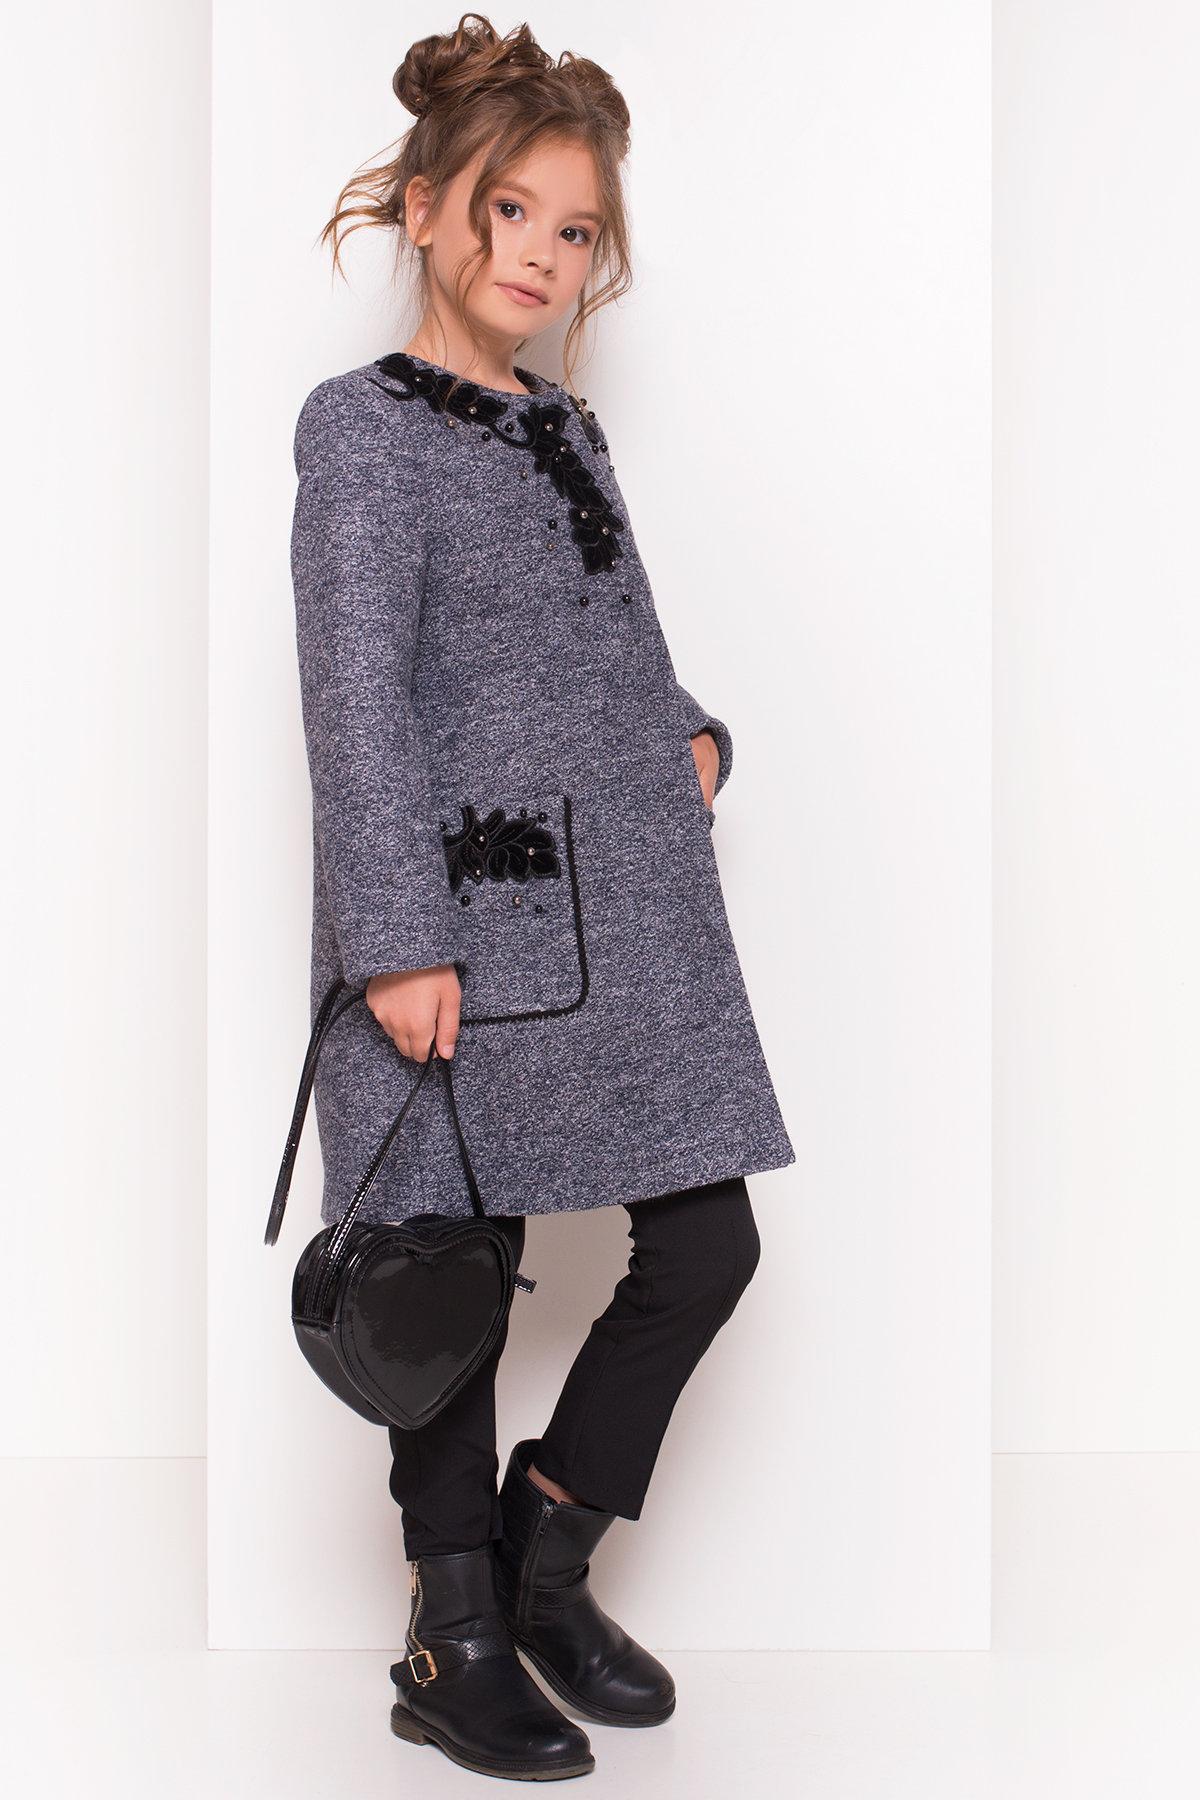 Пальто детское Злата 5249 Цвет: Серый темный LW-22